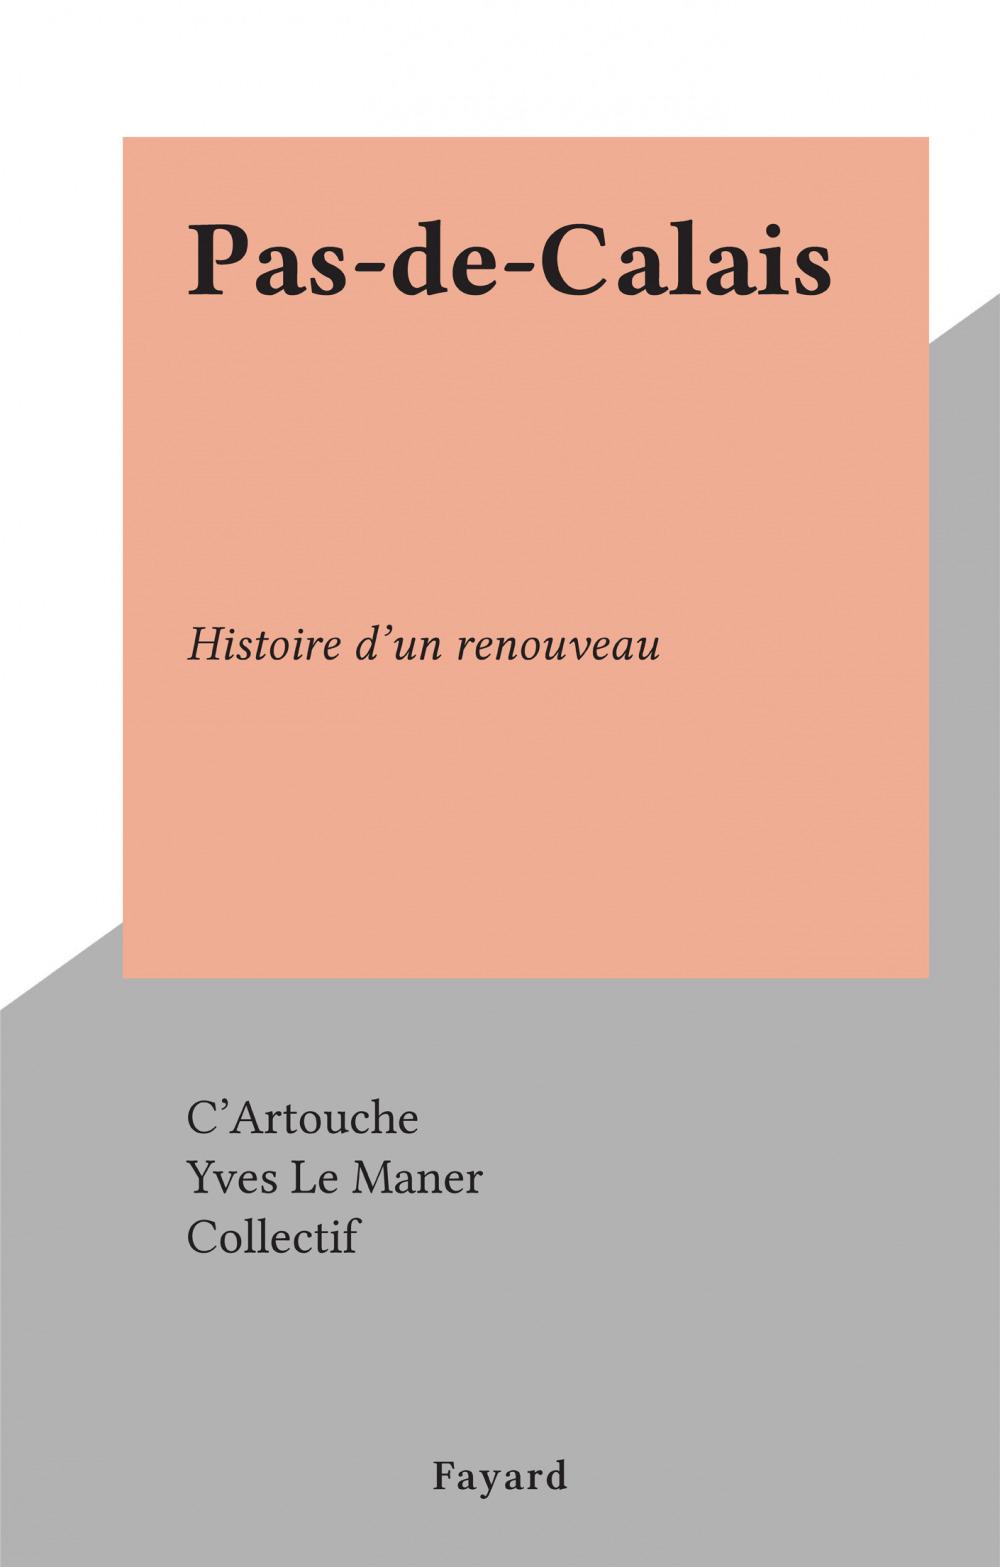 Pas-de-Calais